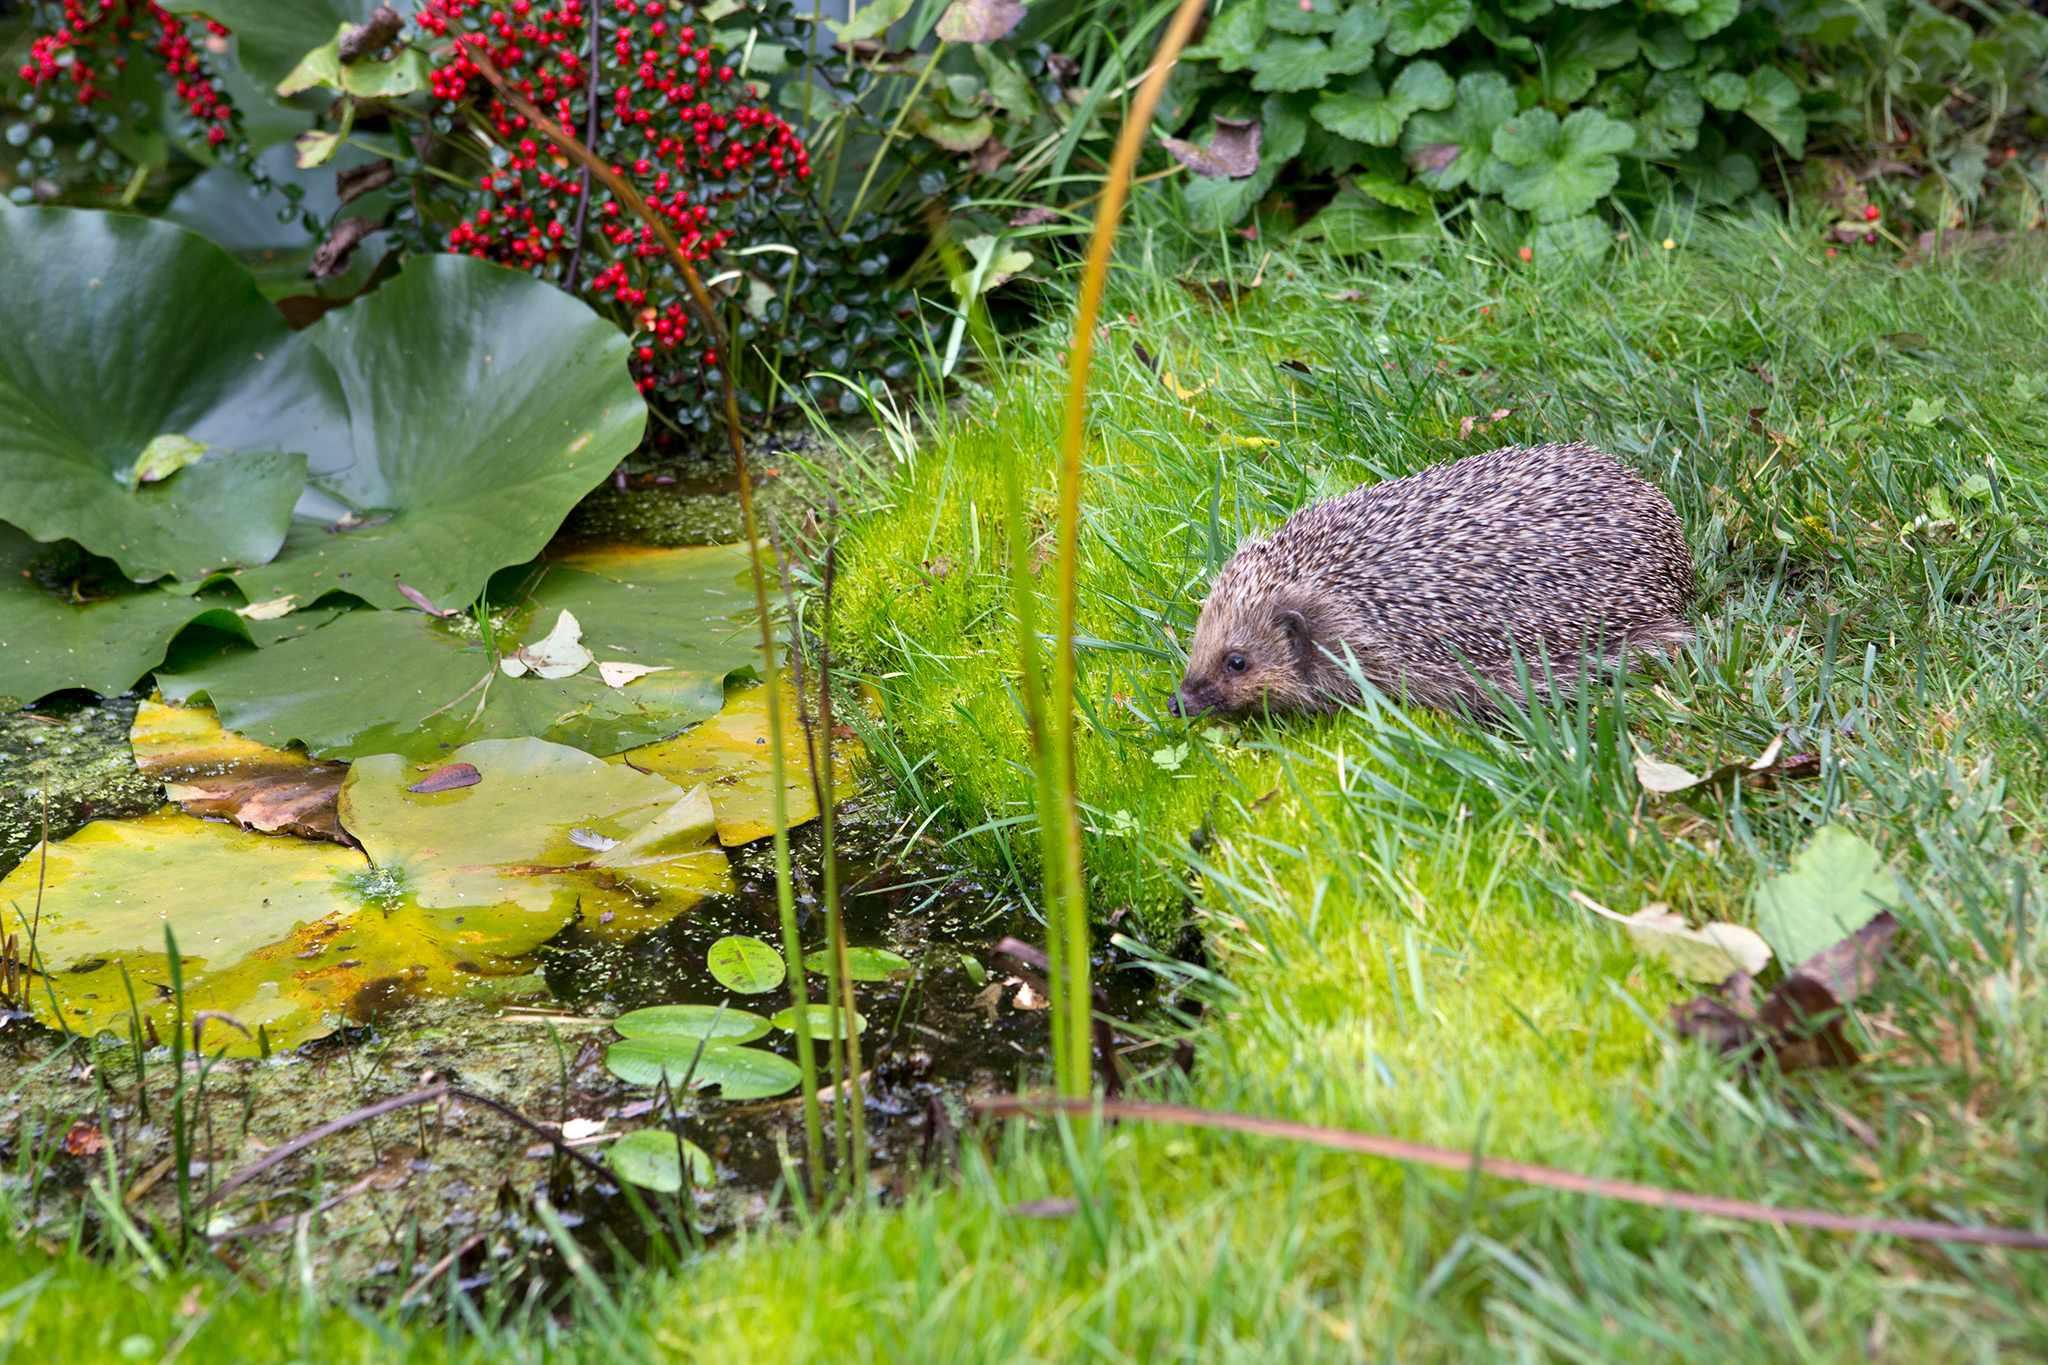 Hedgehog near a pond